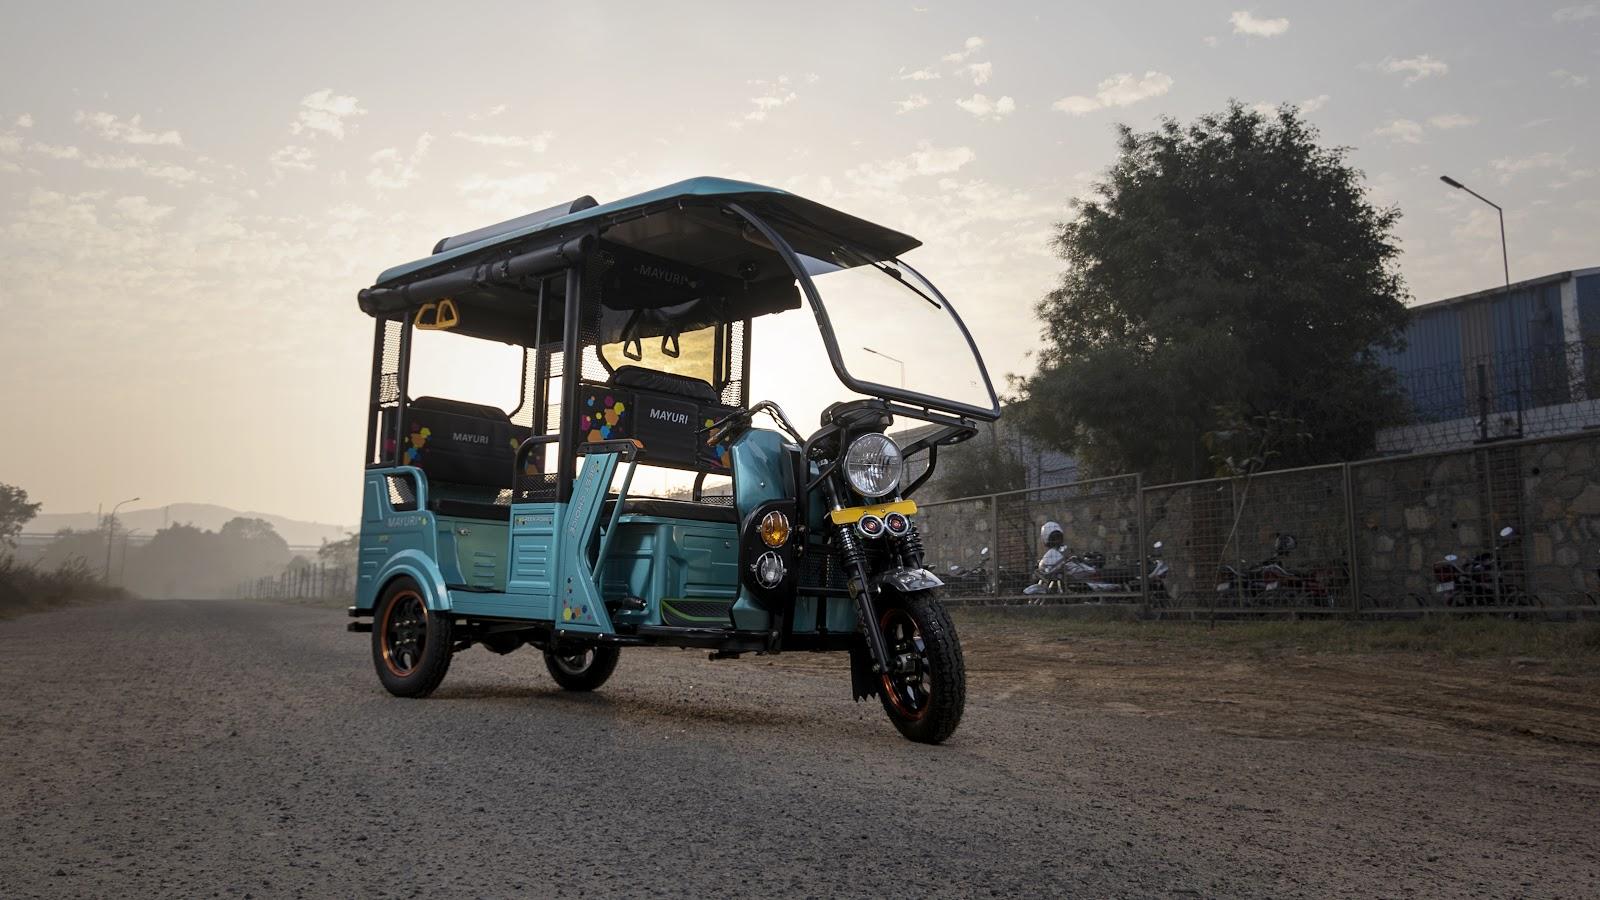 Mayuri E-Rickshaw - The Insights of an E-Rickshaw